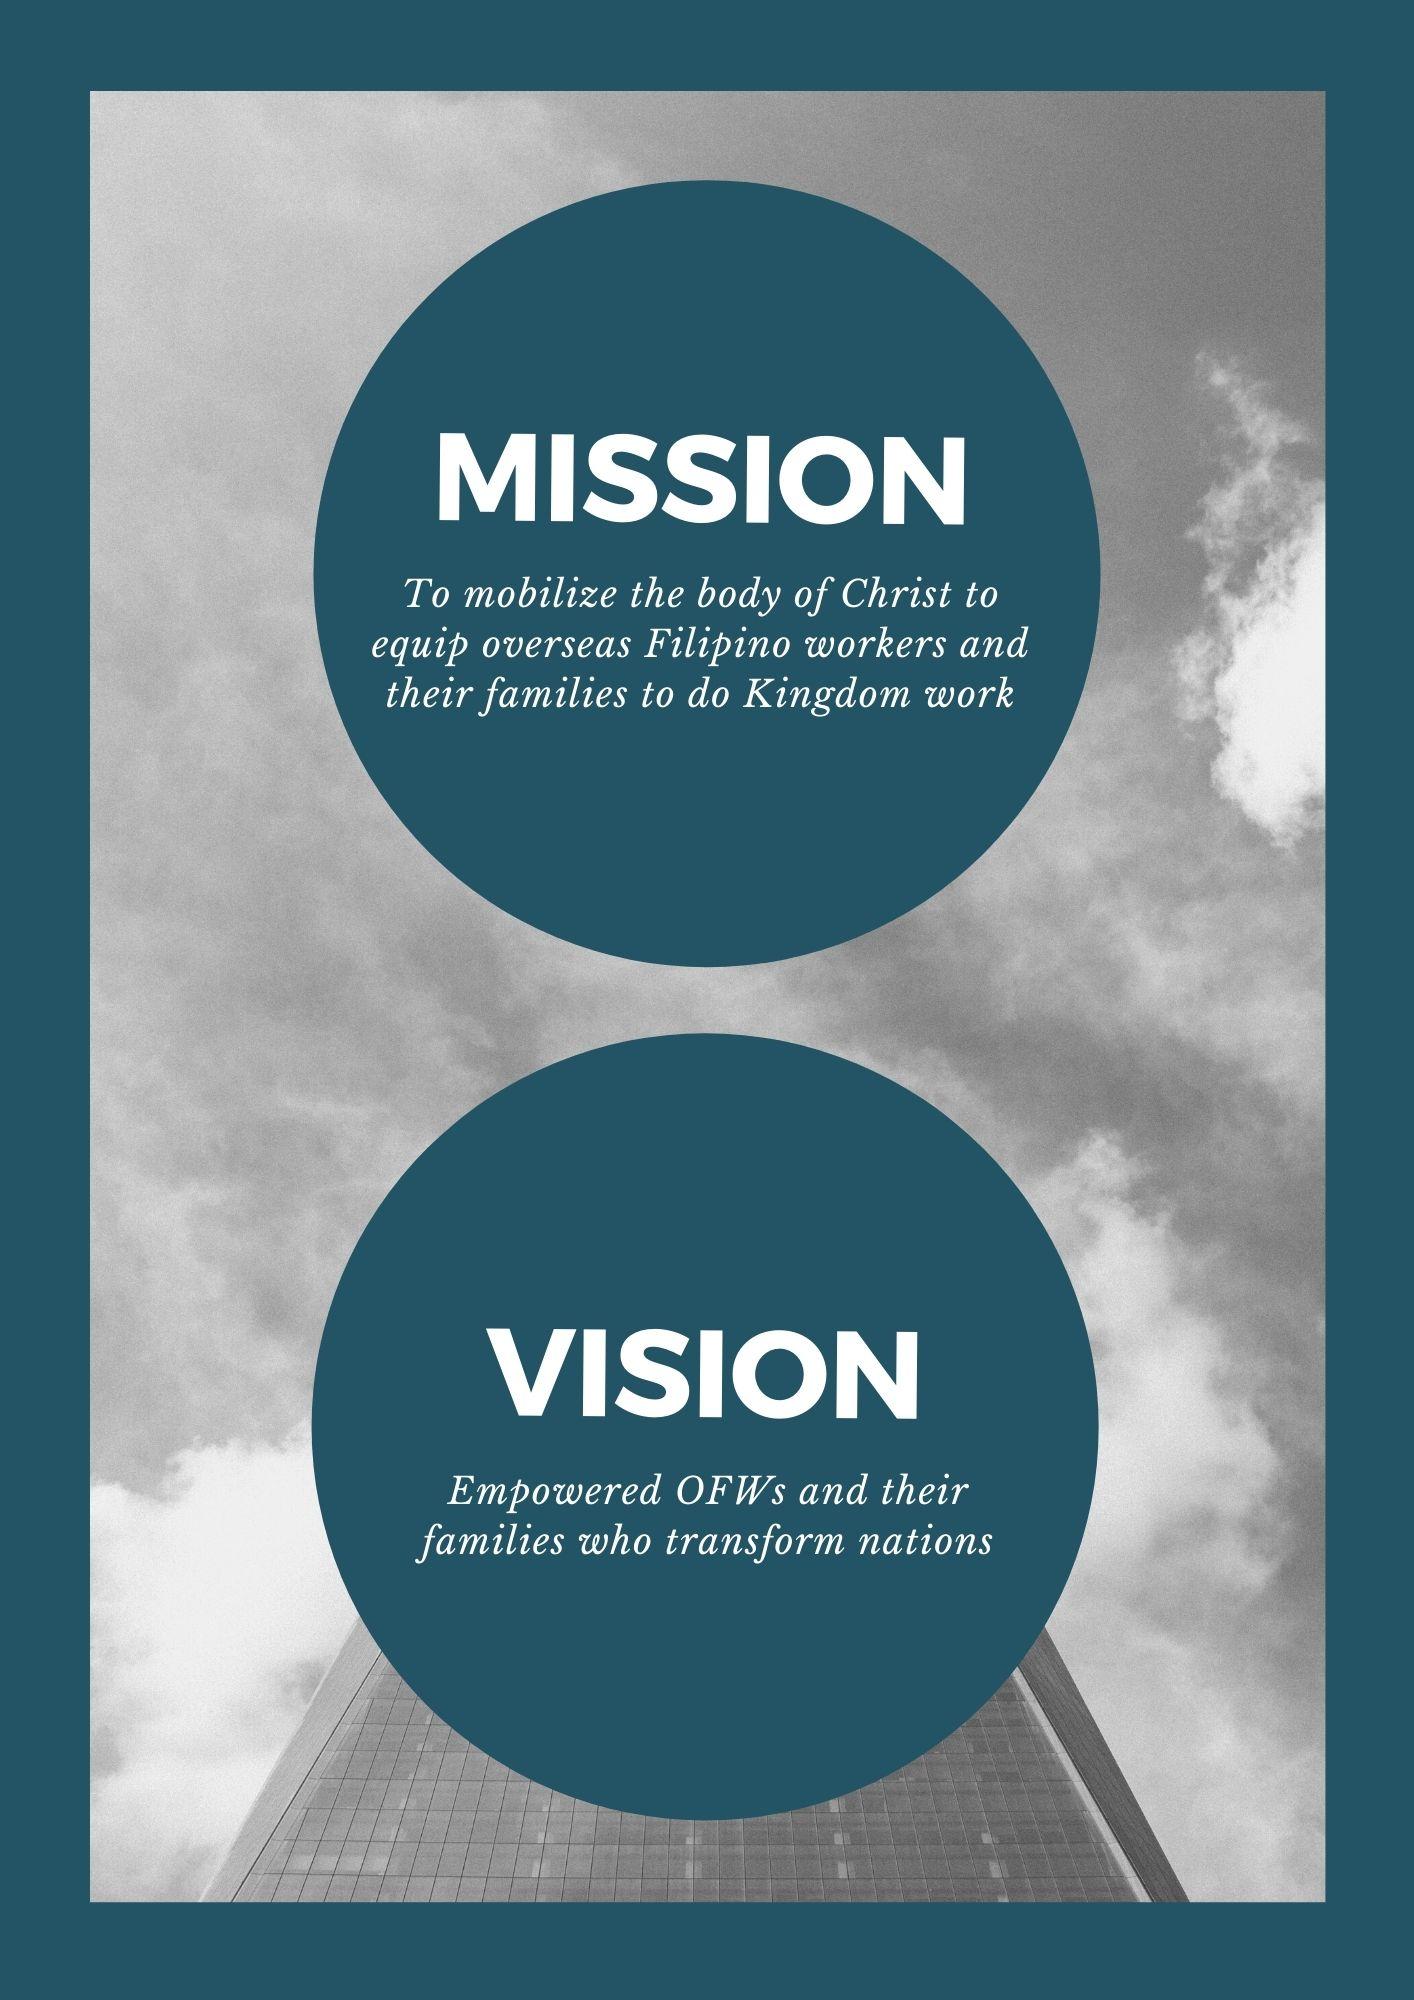 GFM MISSION-VISION